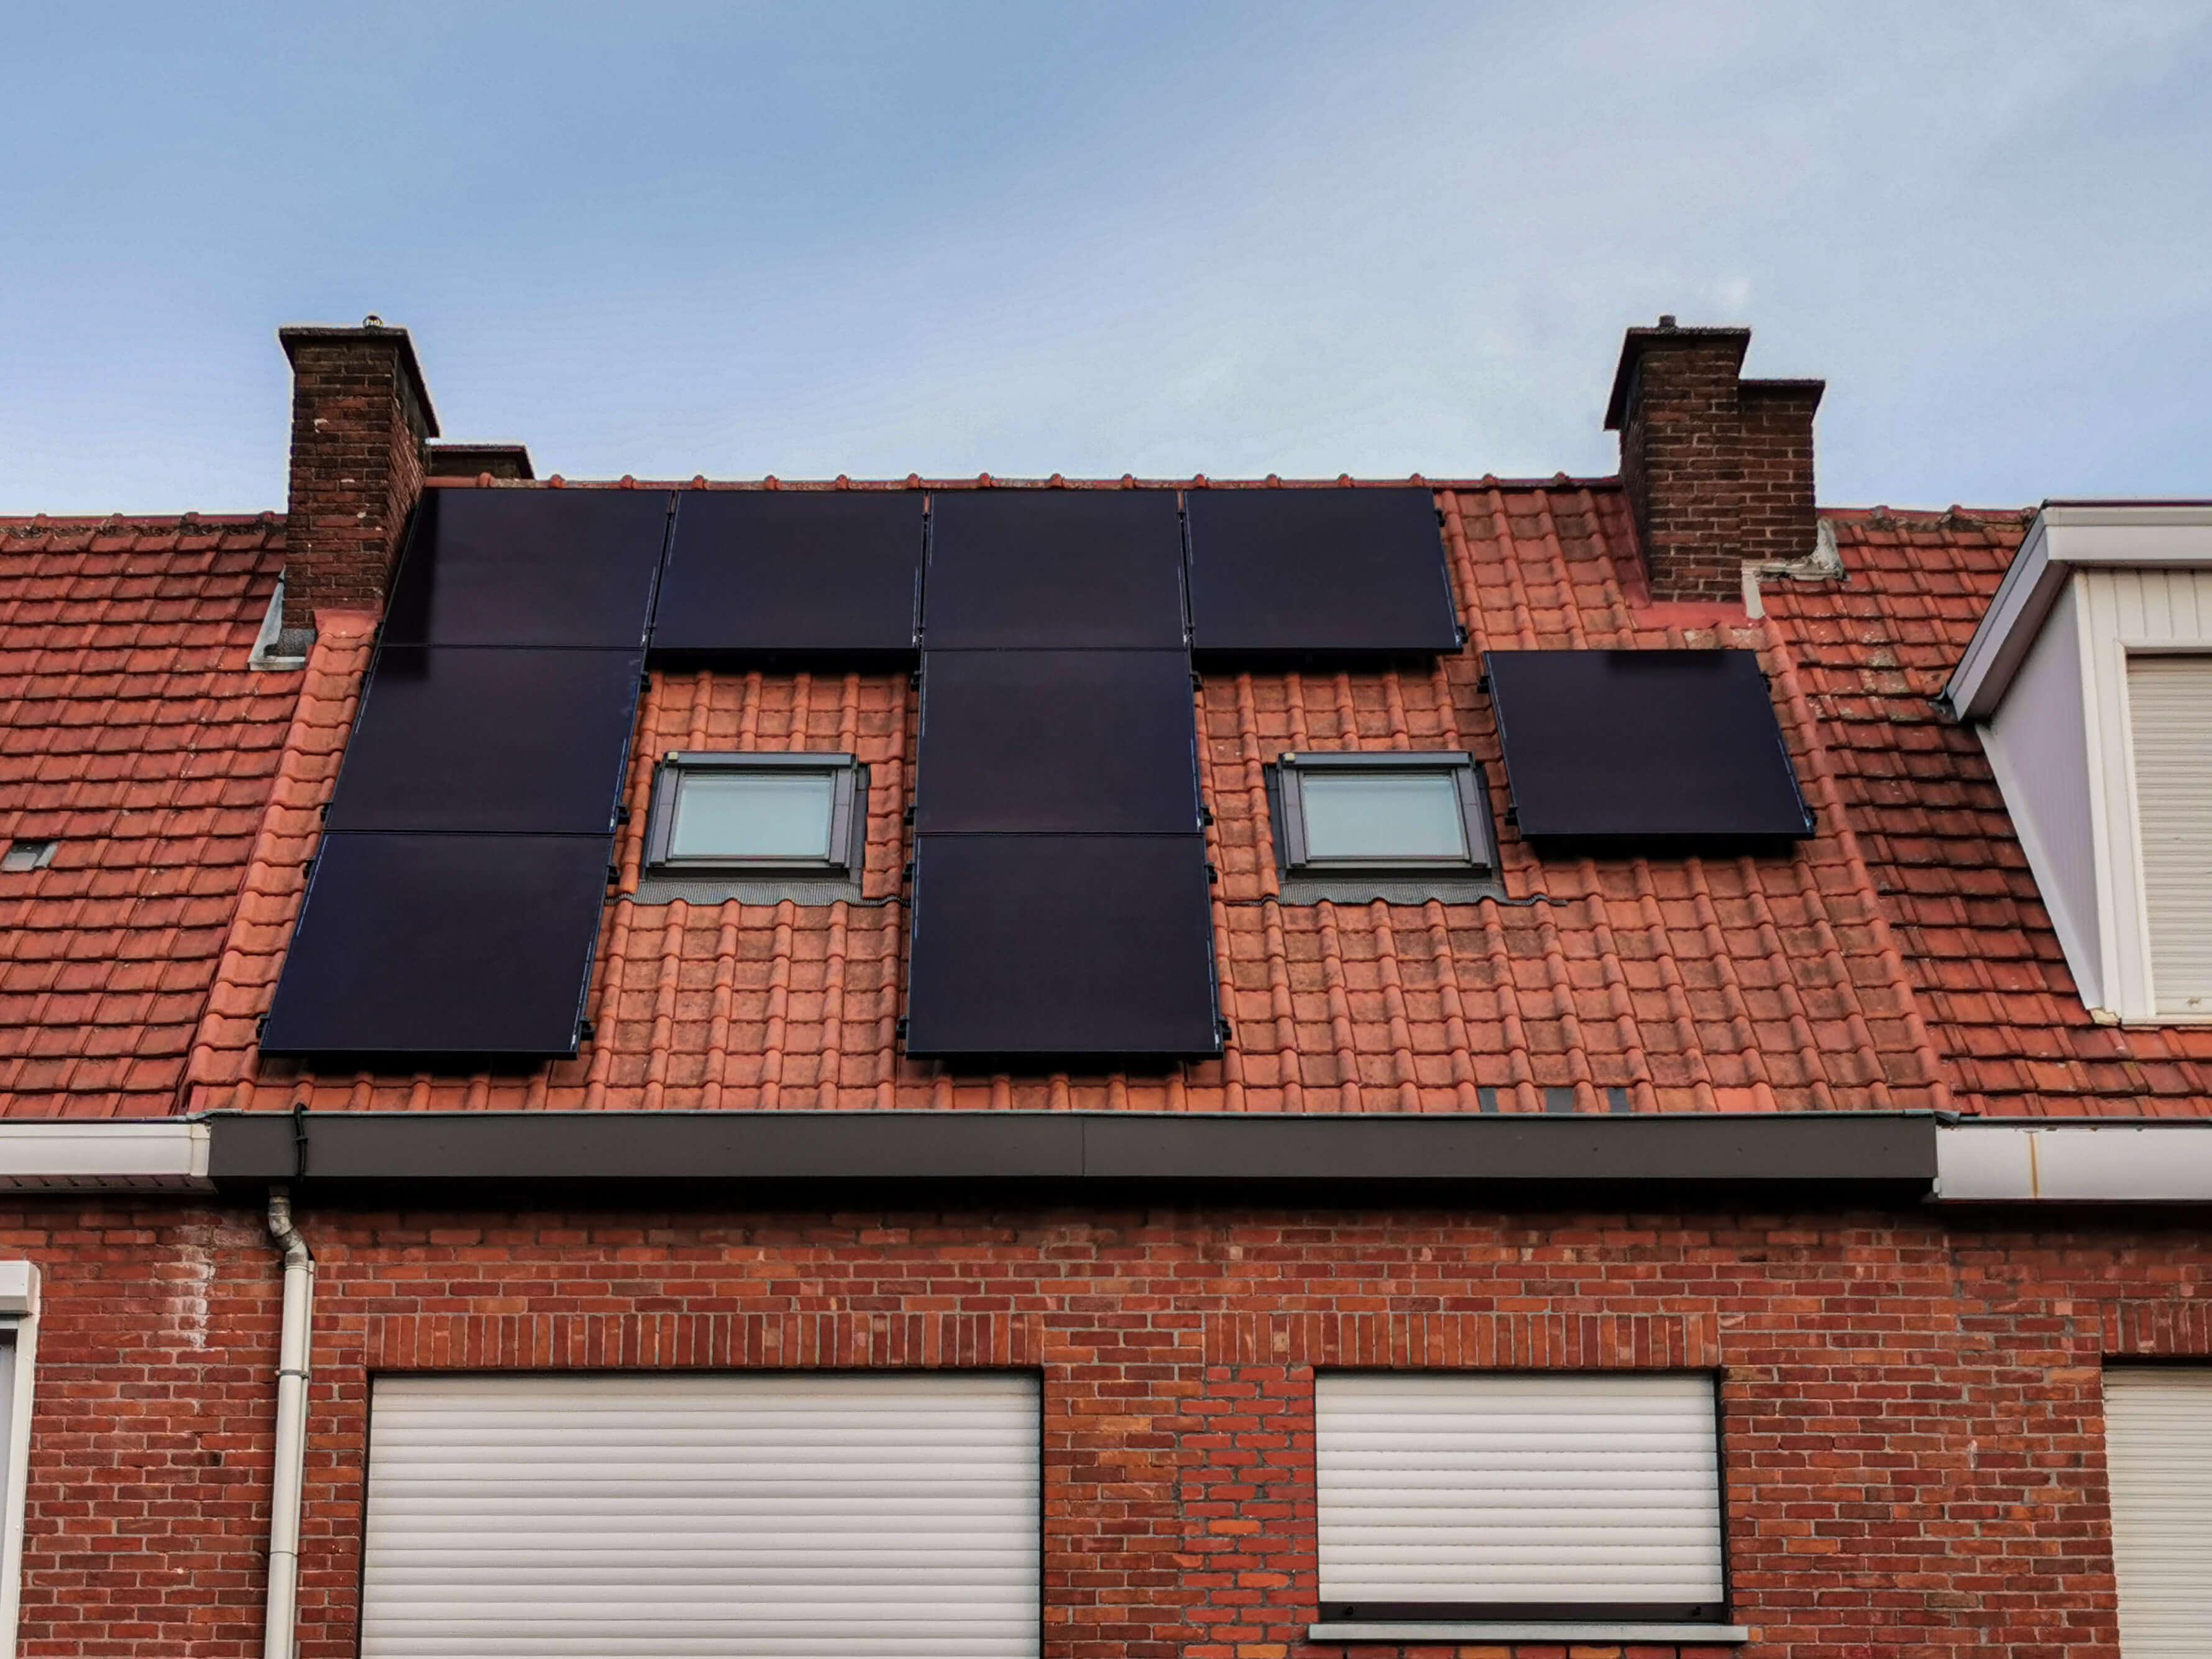 Frontaal aanzicht van een rijhuis met zonnepanelen op het dak.